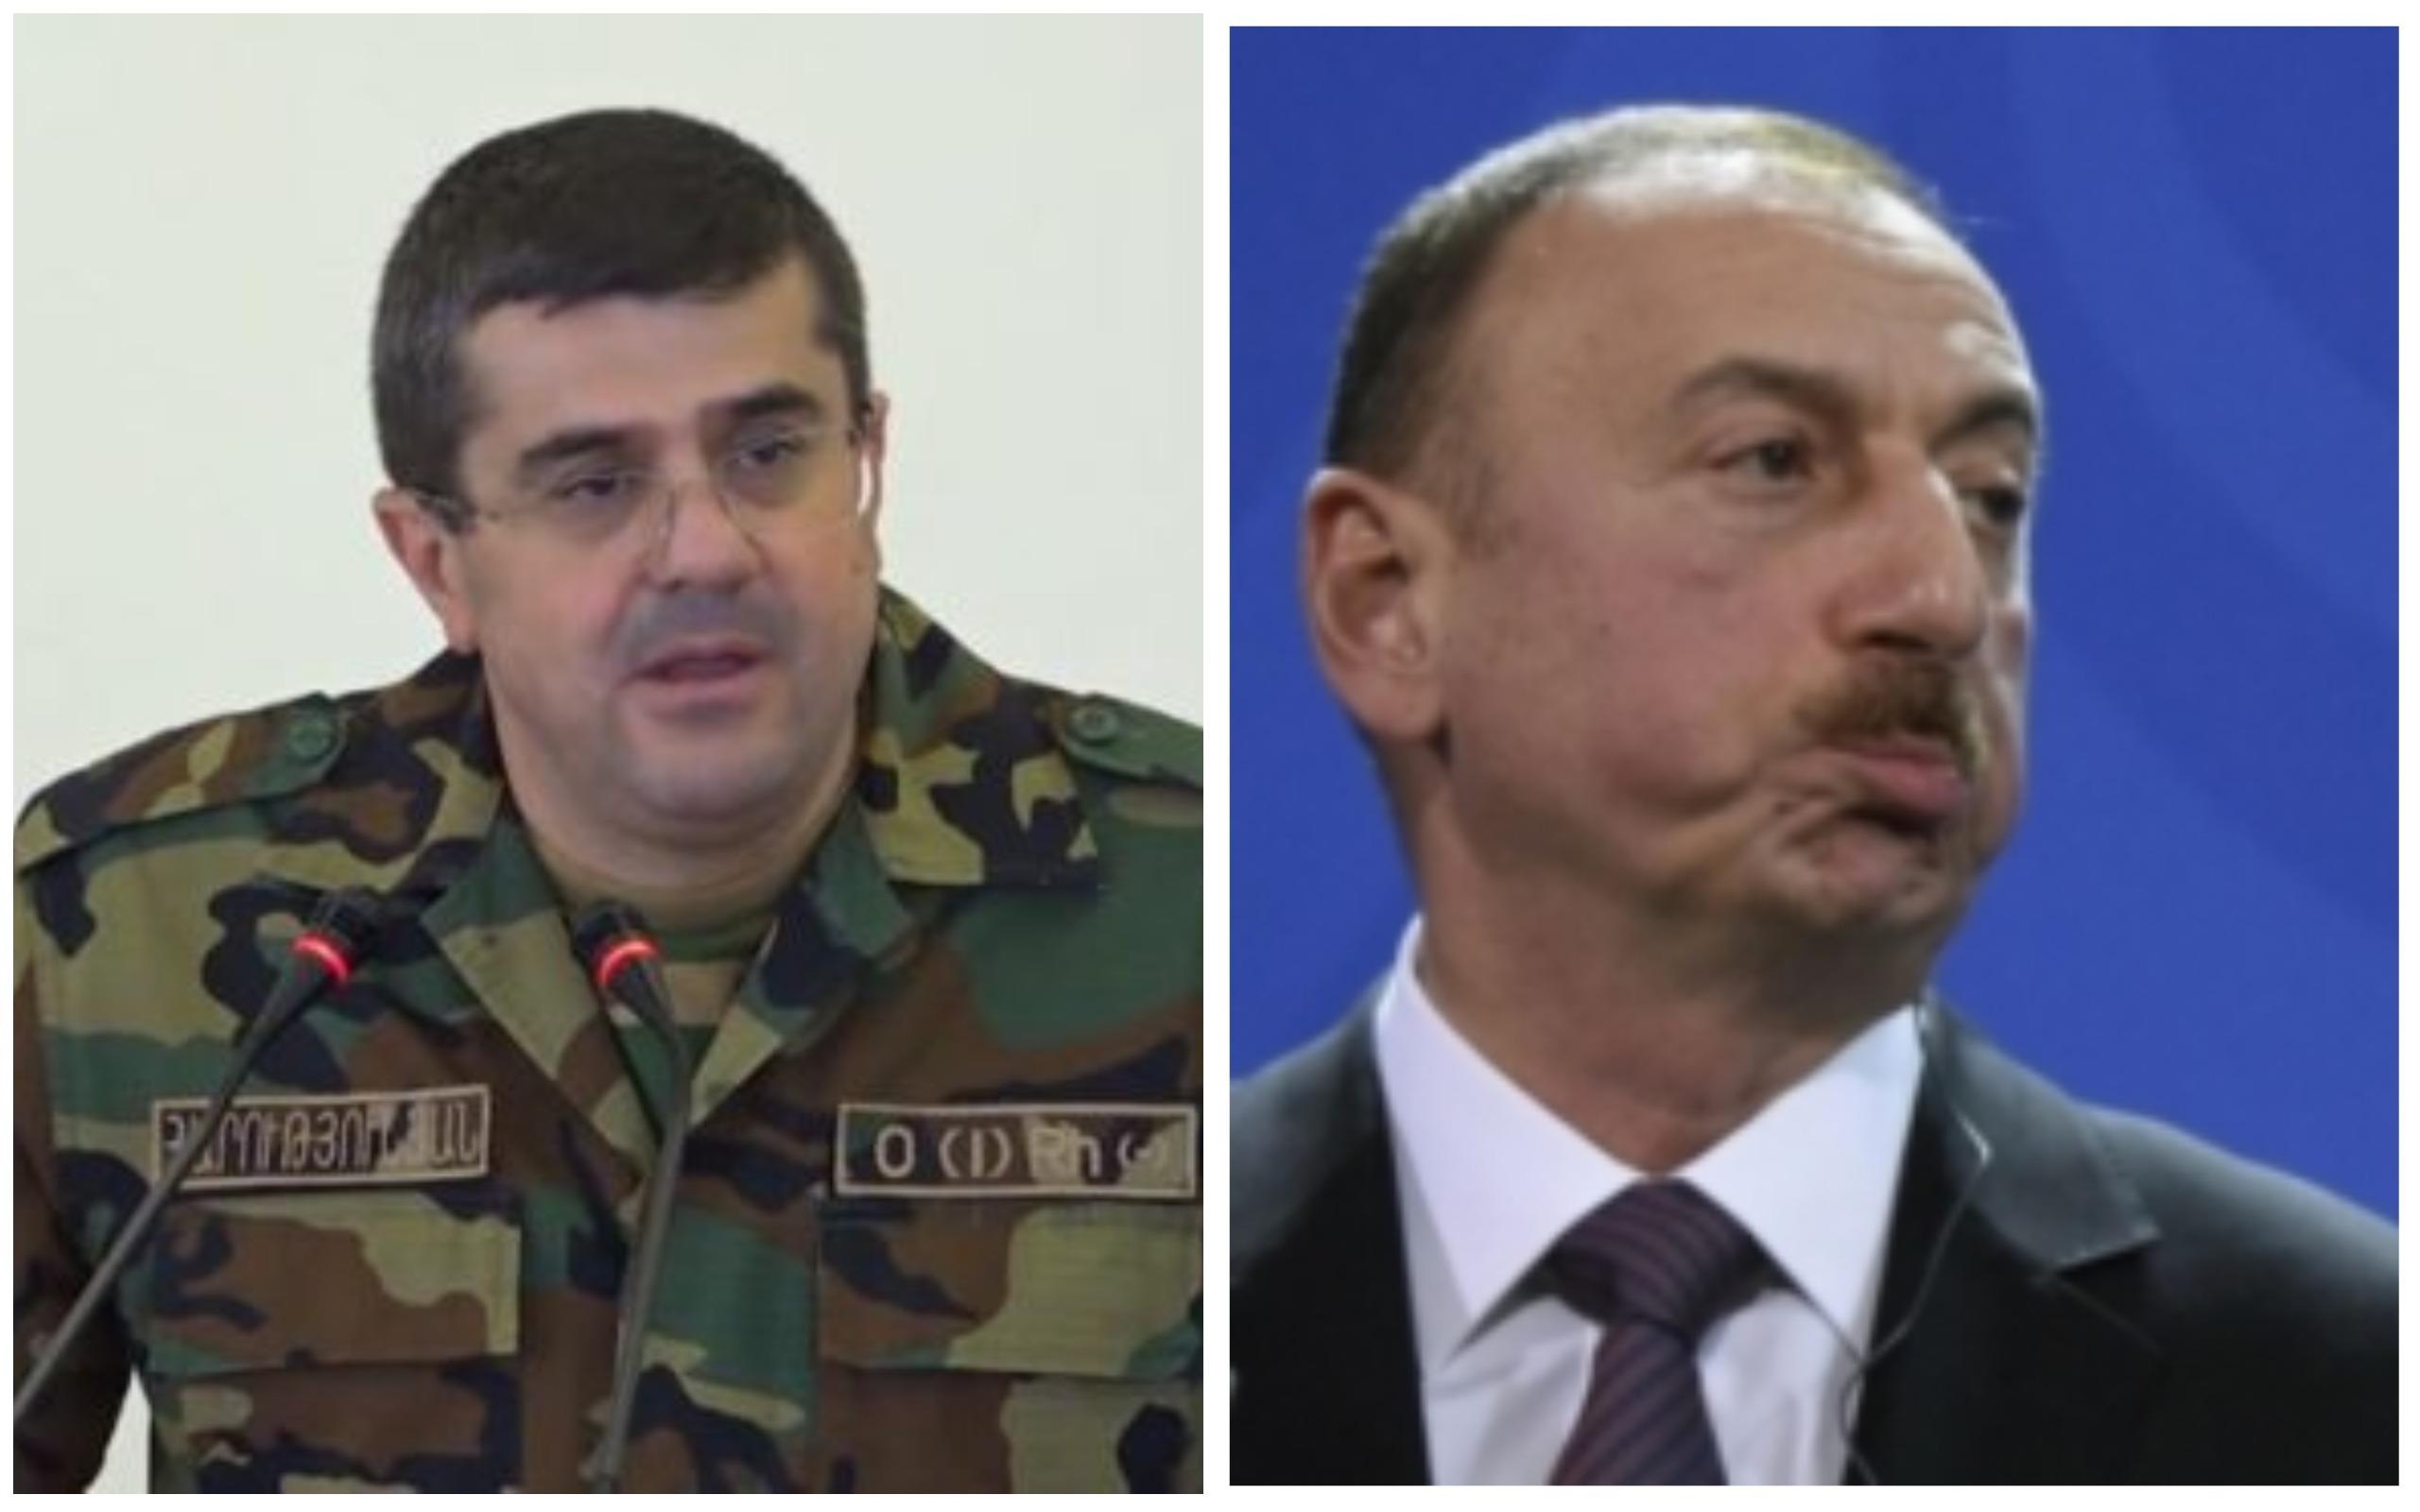 Բաքուն պատրաստ է դադարեցնել ռազմագործողությունները, «եթե հայկական կողմը...» Ալիև